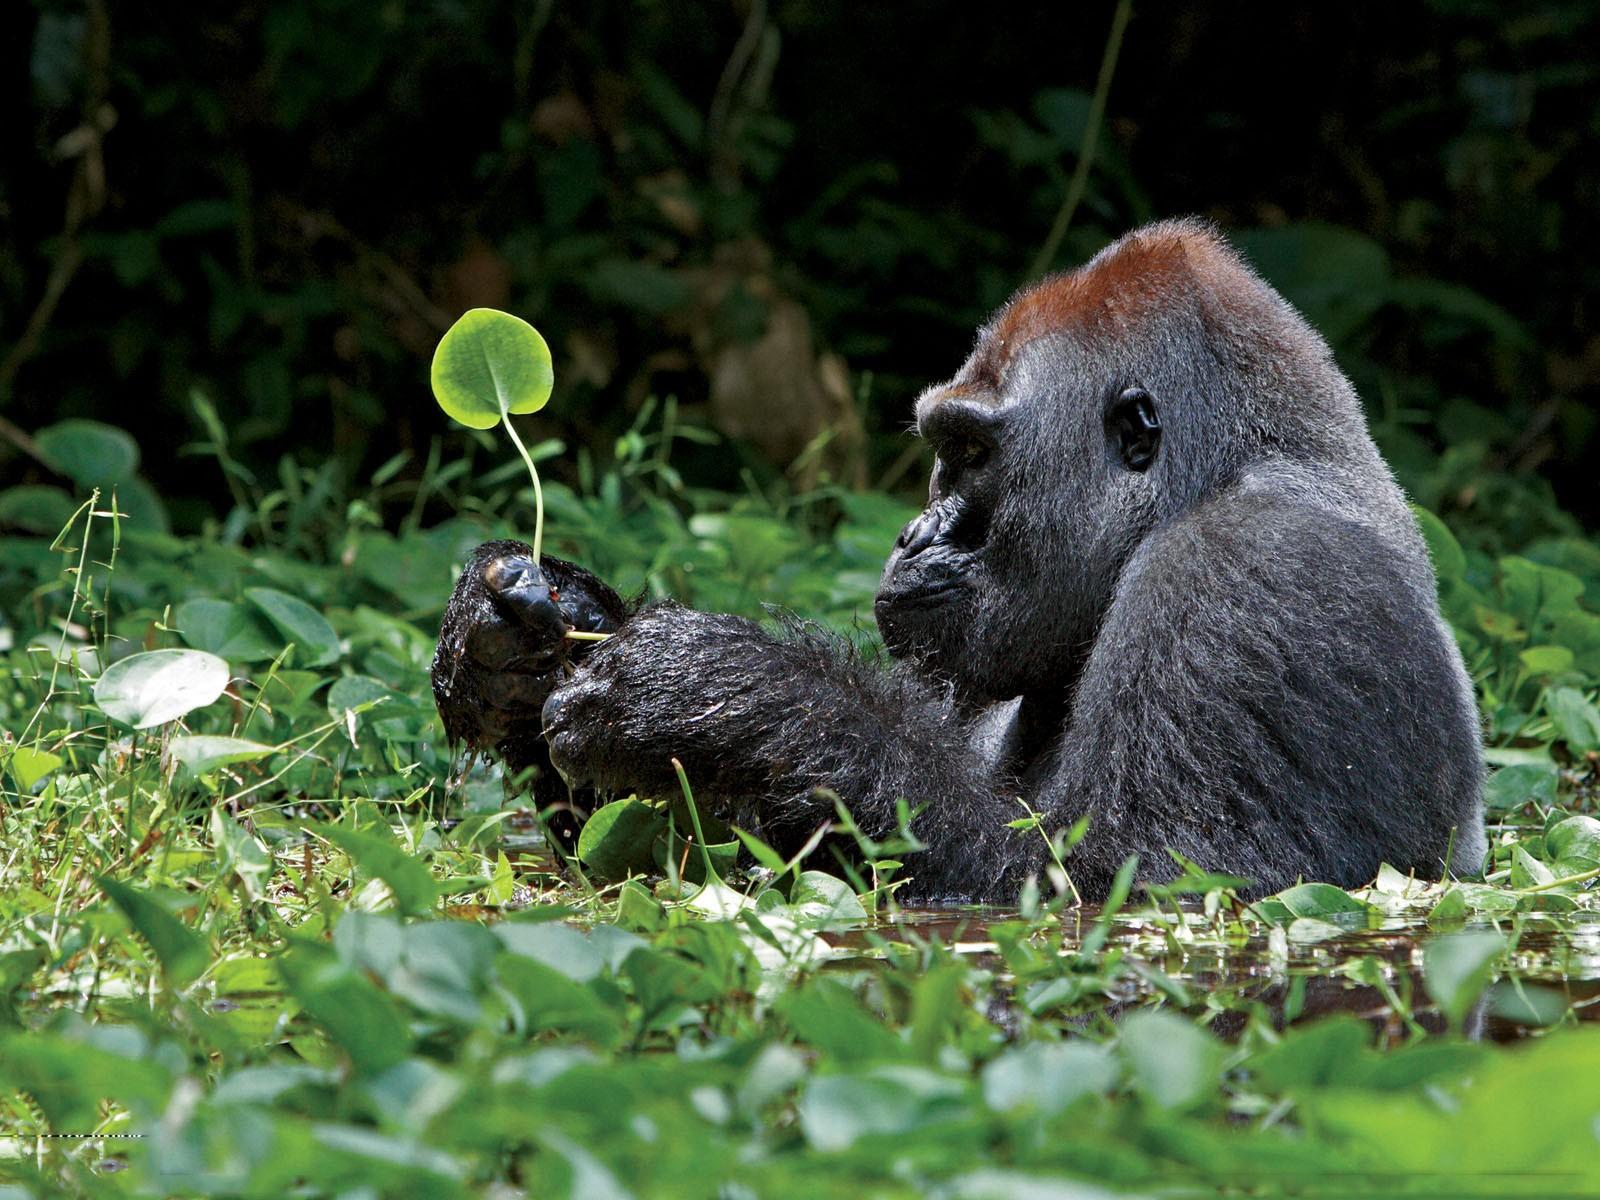 dschungel tiere dreizehn hintergrundbilder - photo #18